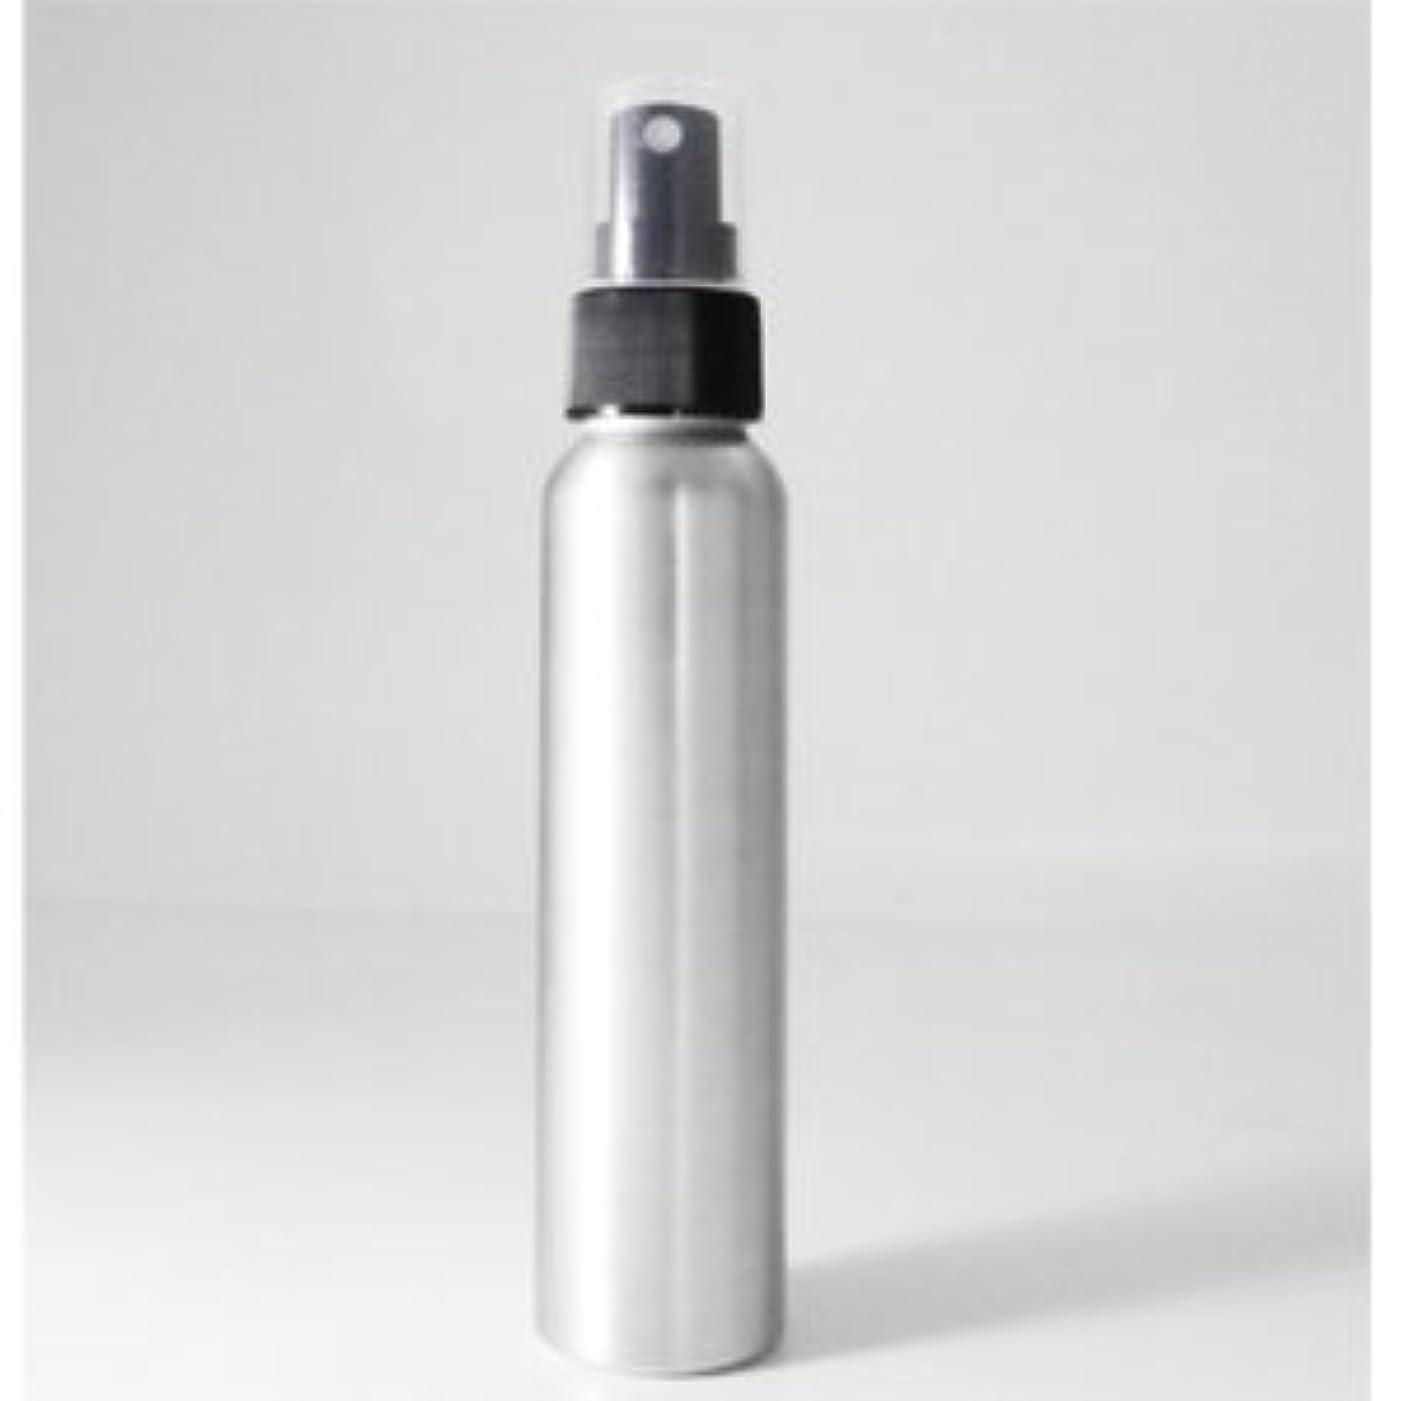 自体大胆メダルアルミボトル スプレー容器 100ml 【手作り化粧品容器】